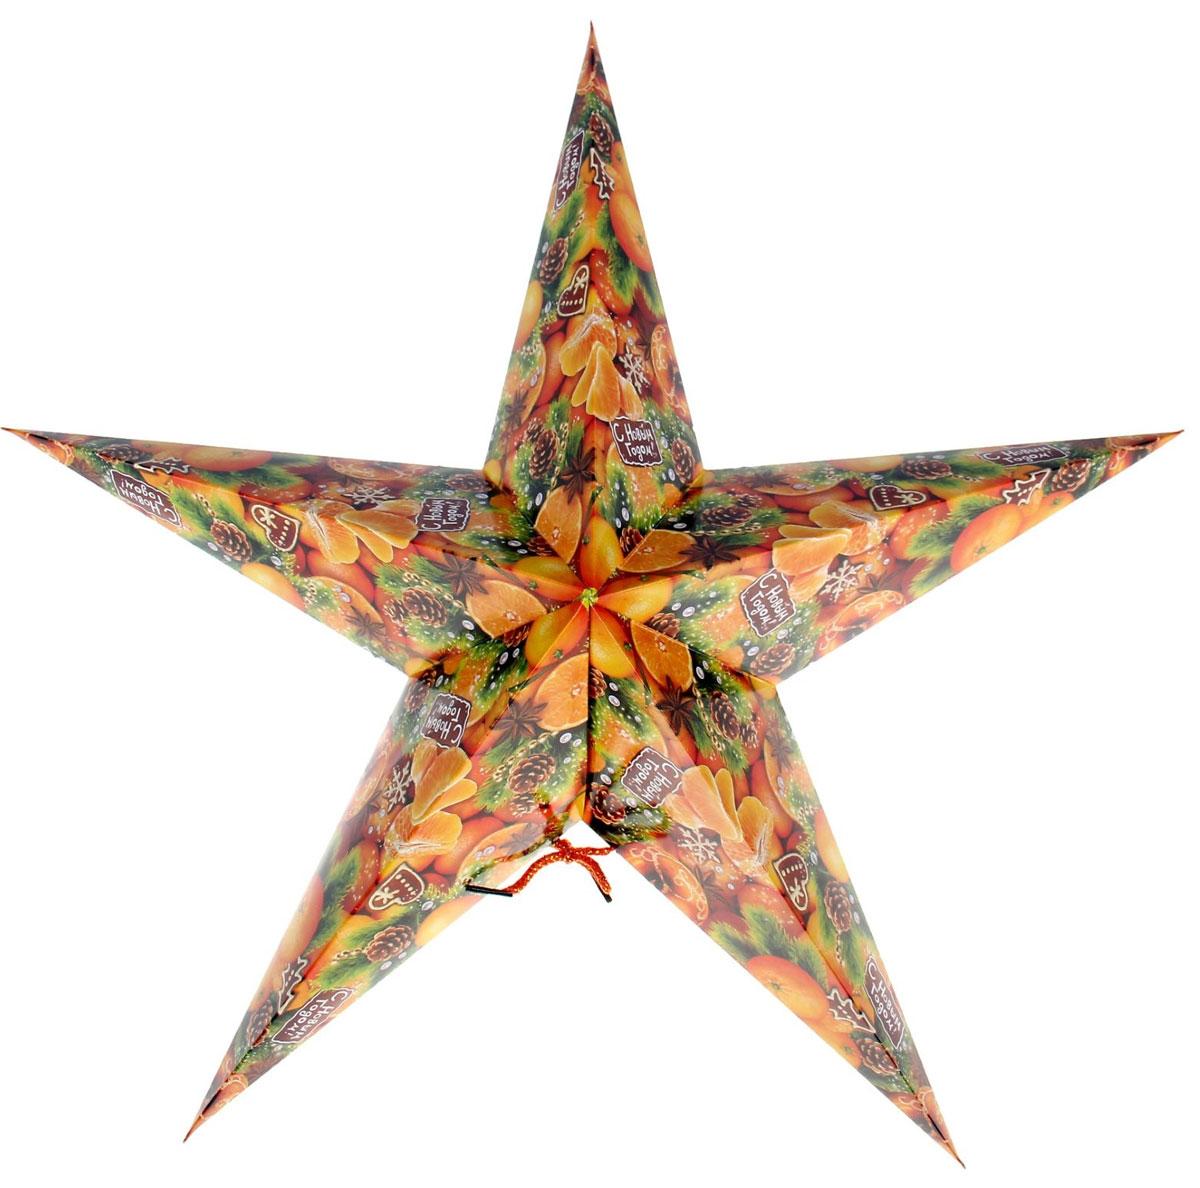 Новогоднее подвесное украшение Sima-land Звезда. Мандарины, 64 х 64 х 25 см1117830Подвесное украшение Sima-land Звезда. Мандарины, выполненное изкартона, прекрасно подойдет для праздничного декора интерьера. С помощью шнурка его можно повесить в любом понравившемся вам месте. Новогодние украшения несут в себе волшебство и красоту праздника. Онипомогут вам украсить дом к предстоящим праздникам и оживить интерьер повашему вкусу. Создайте в доме атмосферу тепла, веселья и радости, украшая еговсей семьей.